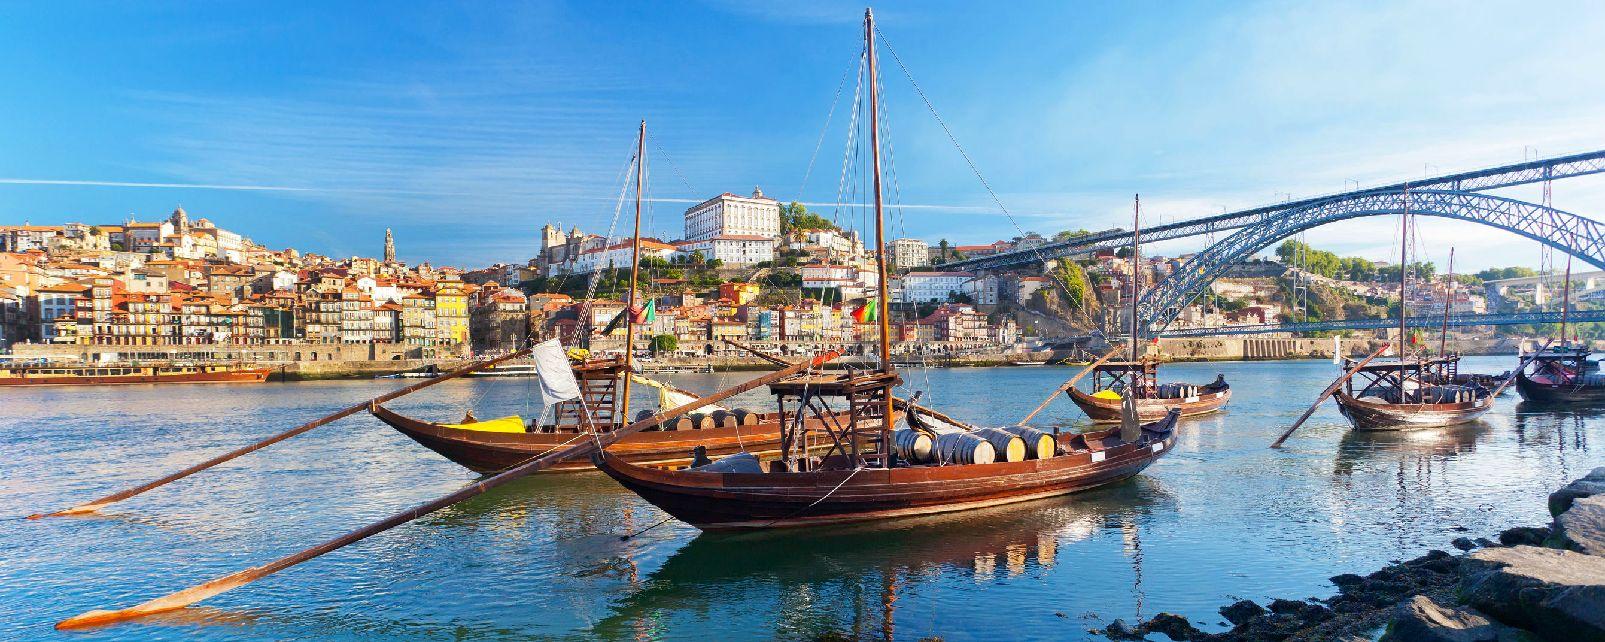 Il porto portogallo centrale e settentrionale portogallo for Soggiorno portogallo